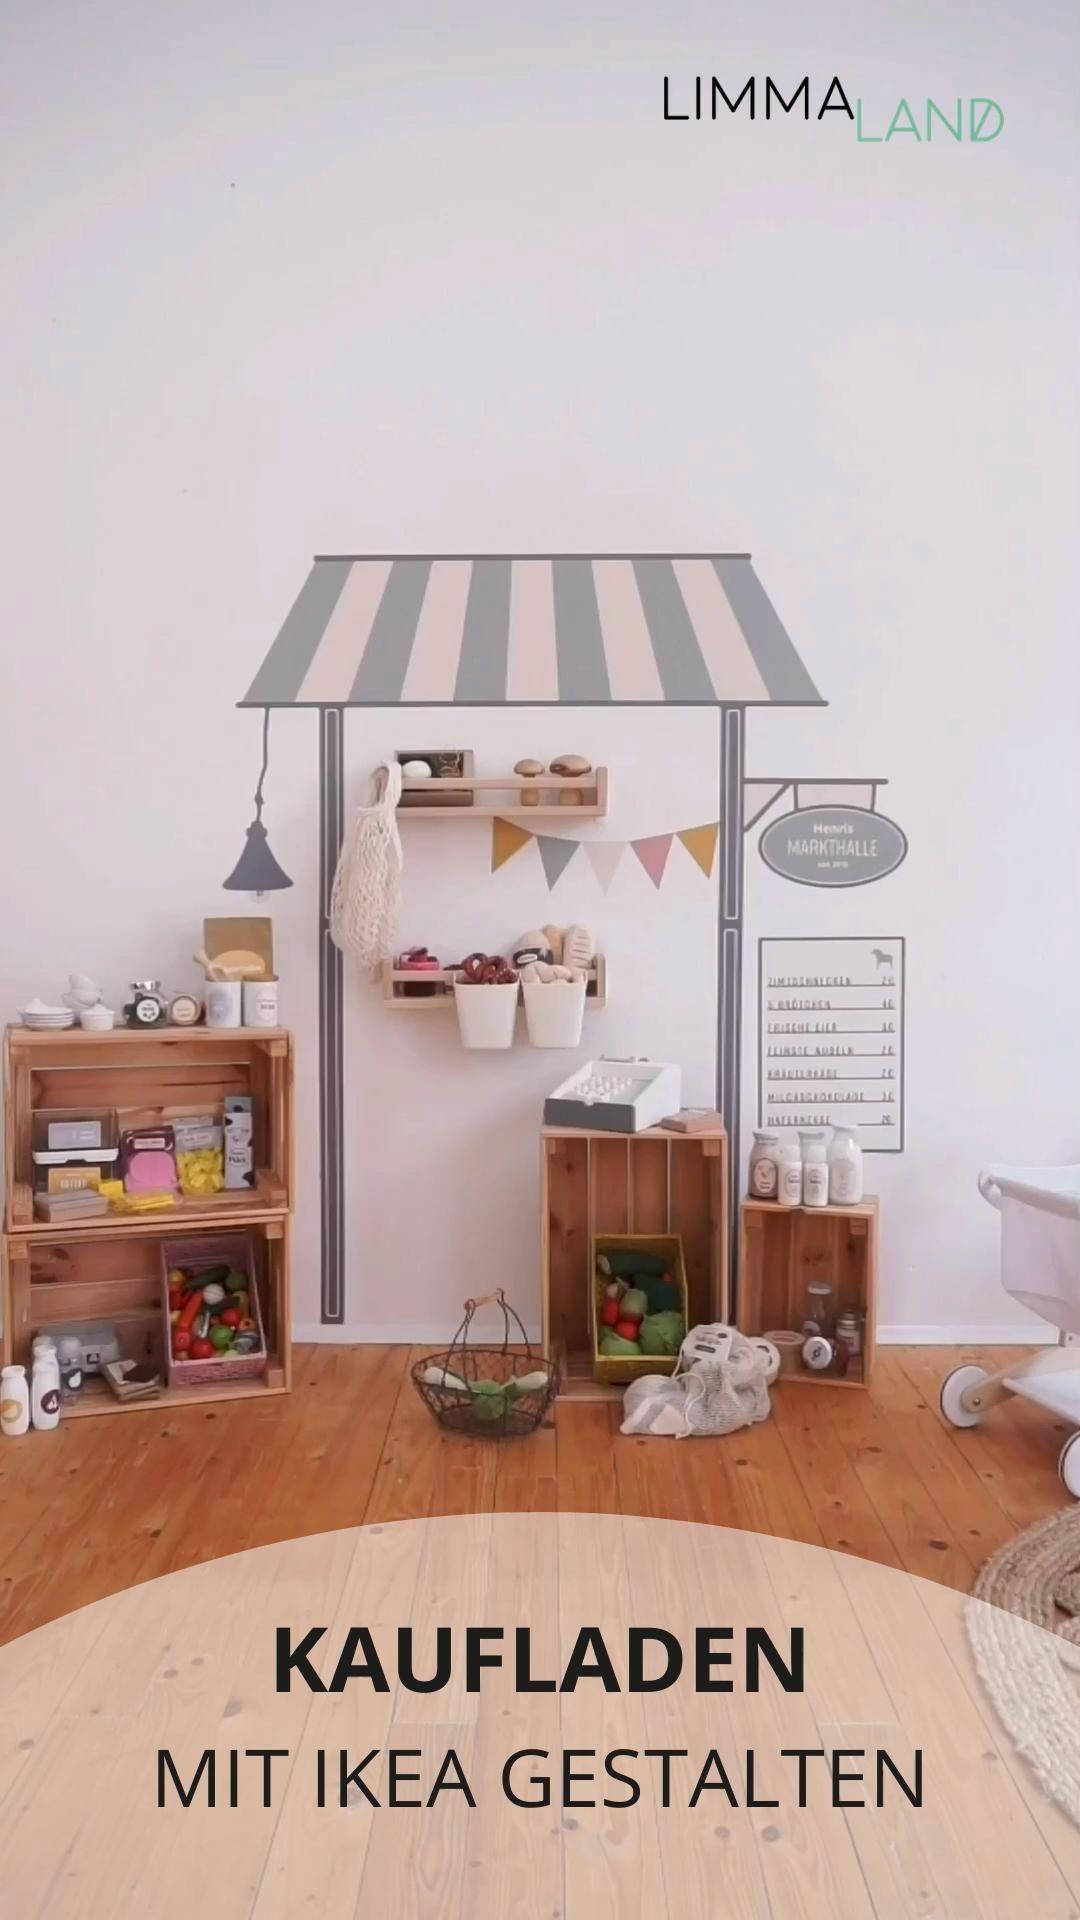 Unser praktischer DIY Kaufladen mit IKEA Zubehör und unserem Folienset ist platzsparend 💛 enorm flexibel 💛 und personalisierbar mit Kindernamen. Wähle jetzt aus unseren traumhaften Trendfarben deine LILLE BUD aus!